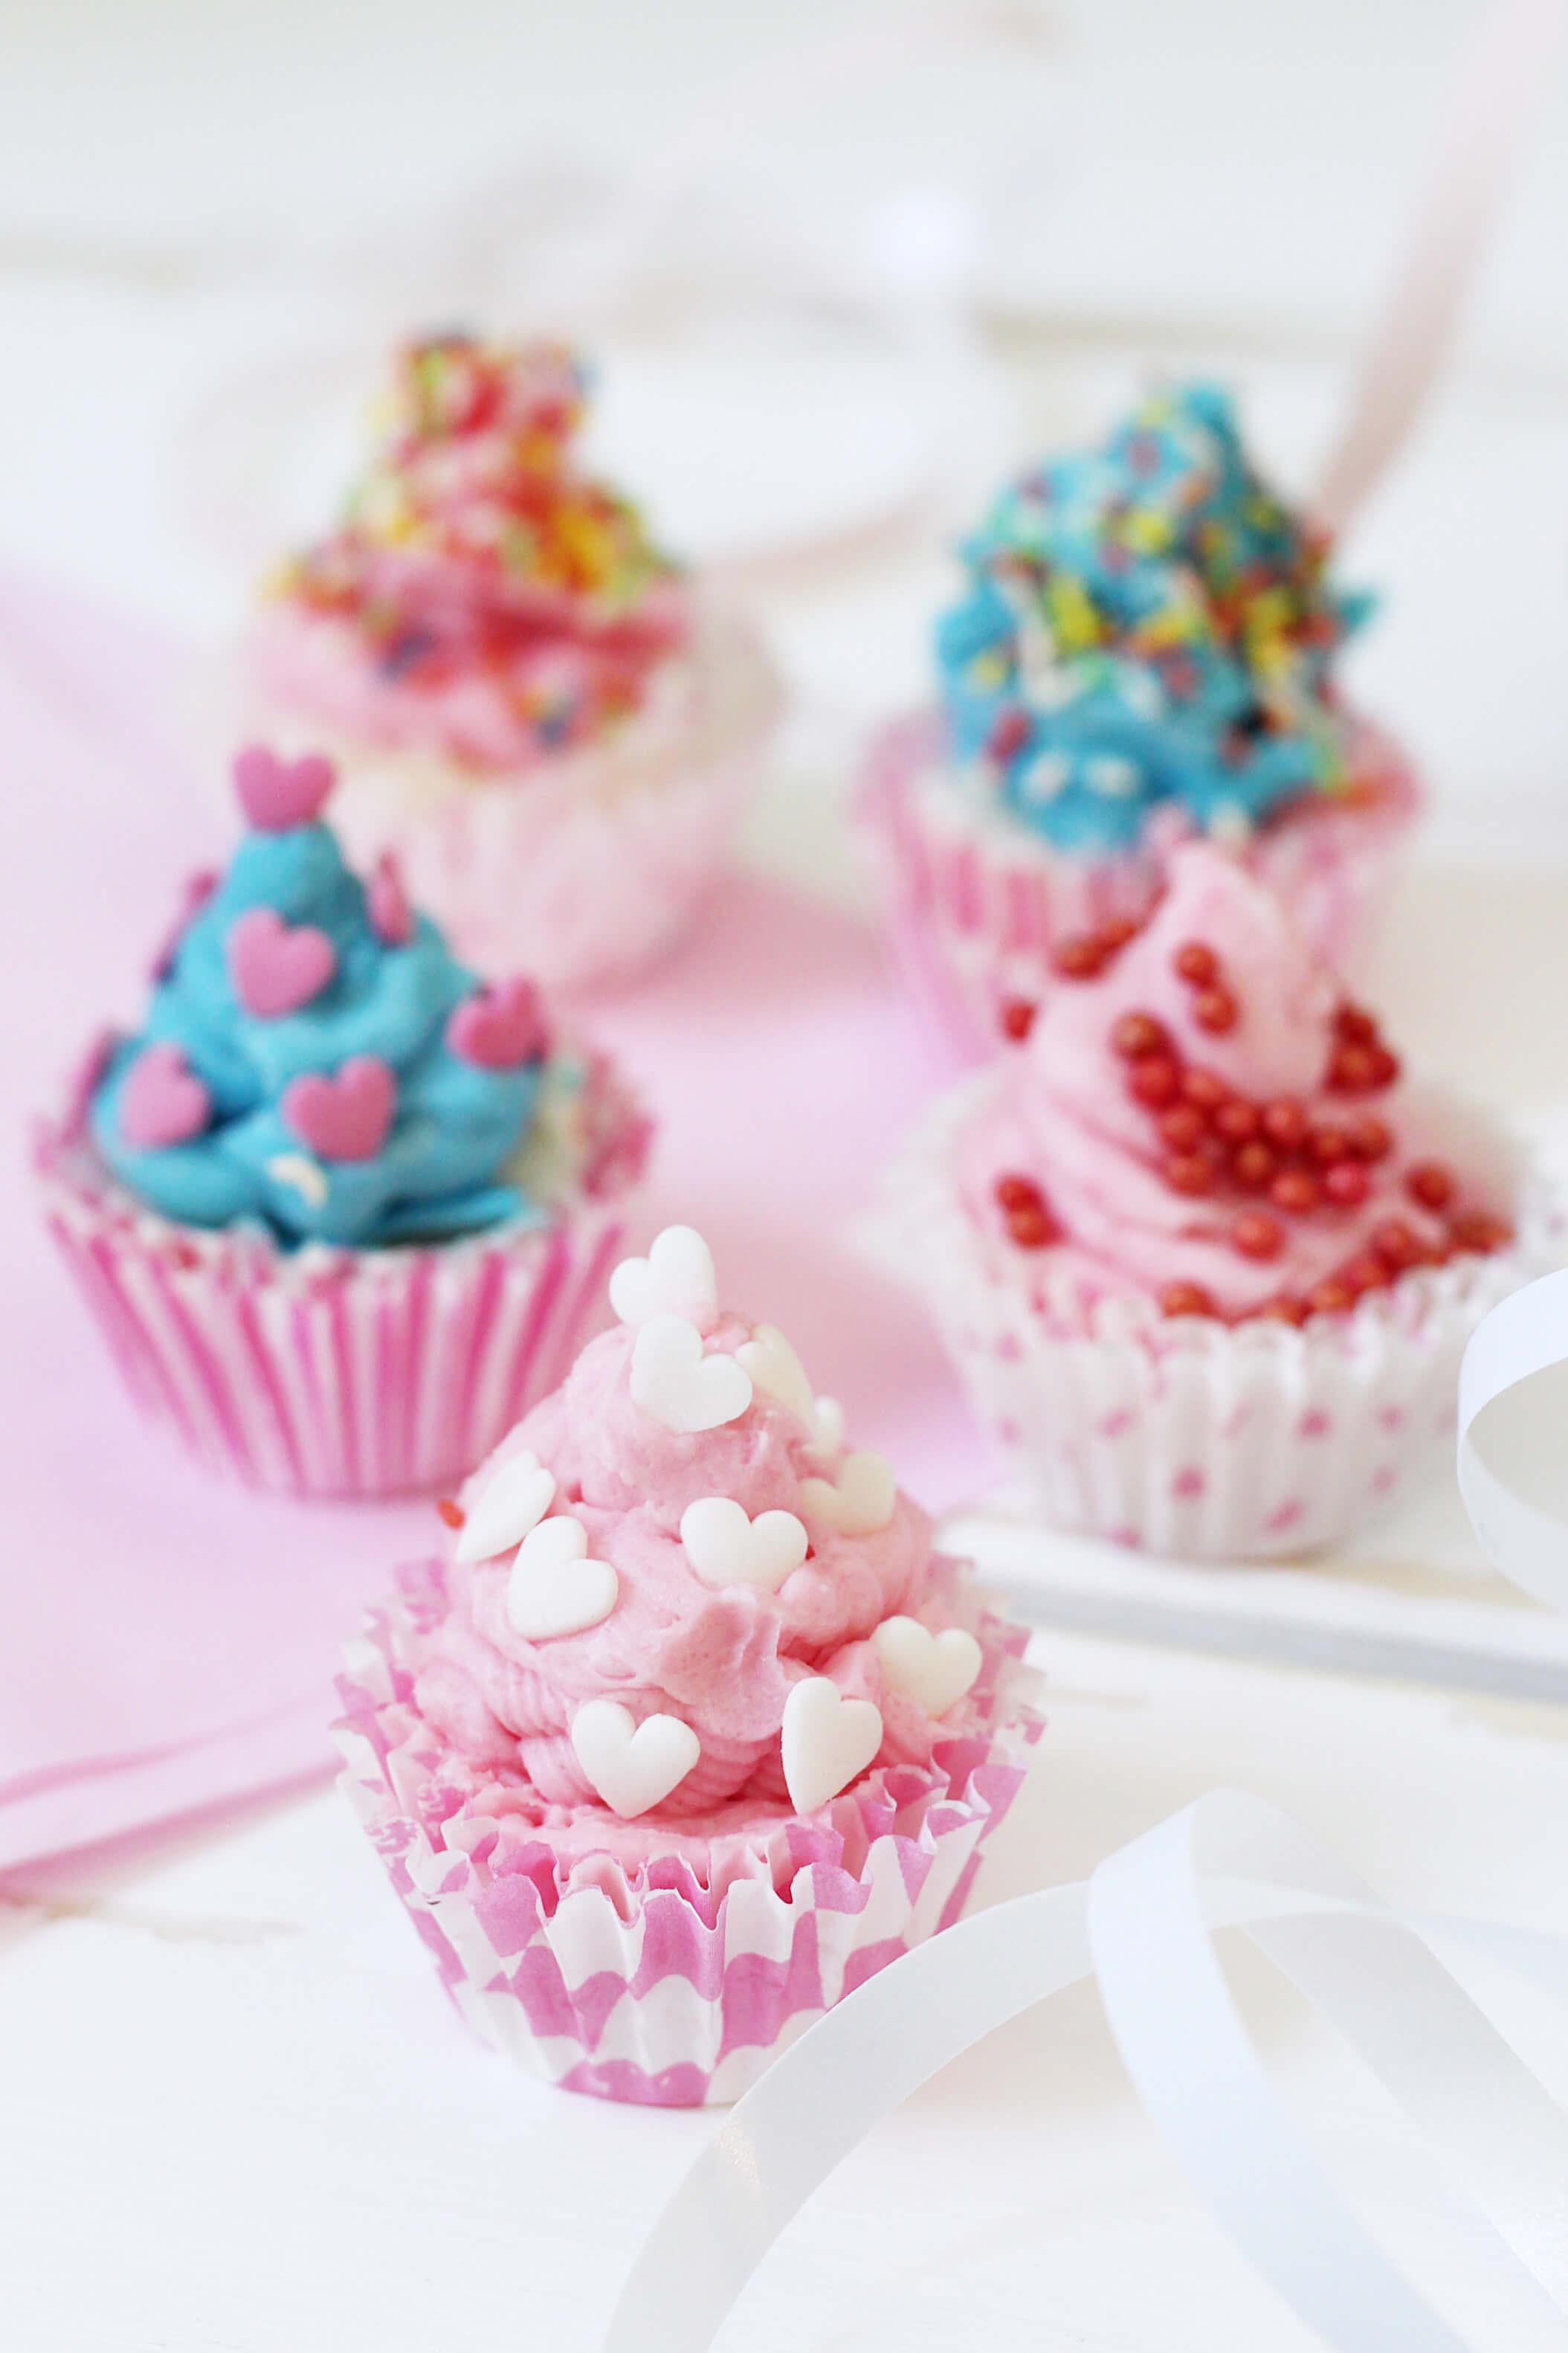 Badebomben In Cupcake Form Selber Machen Kreative Geschenkidee